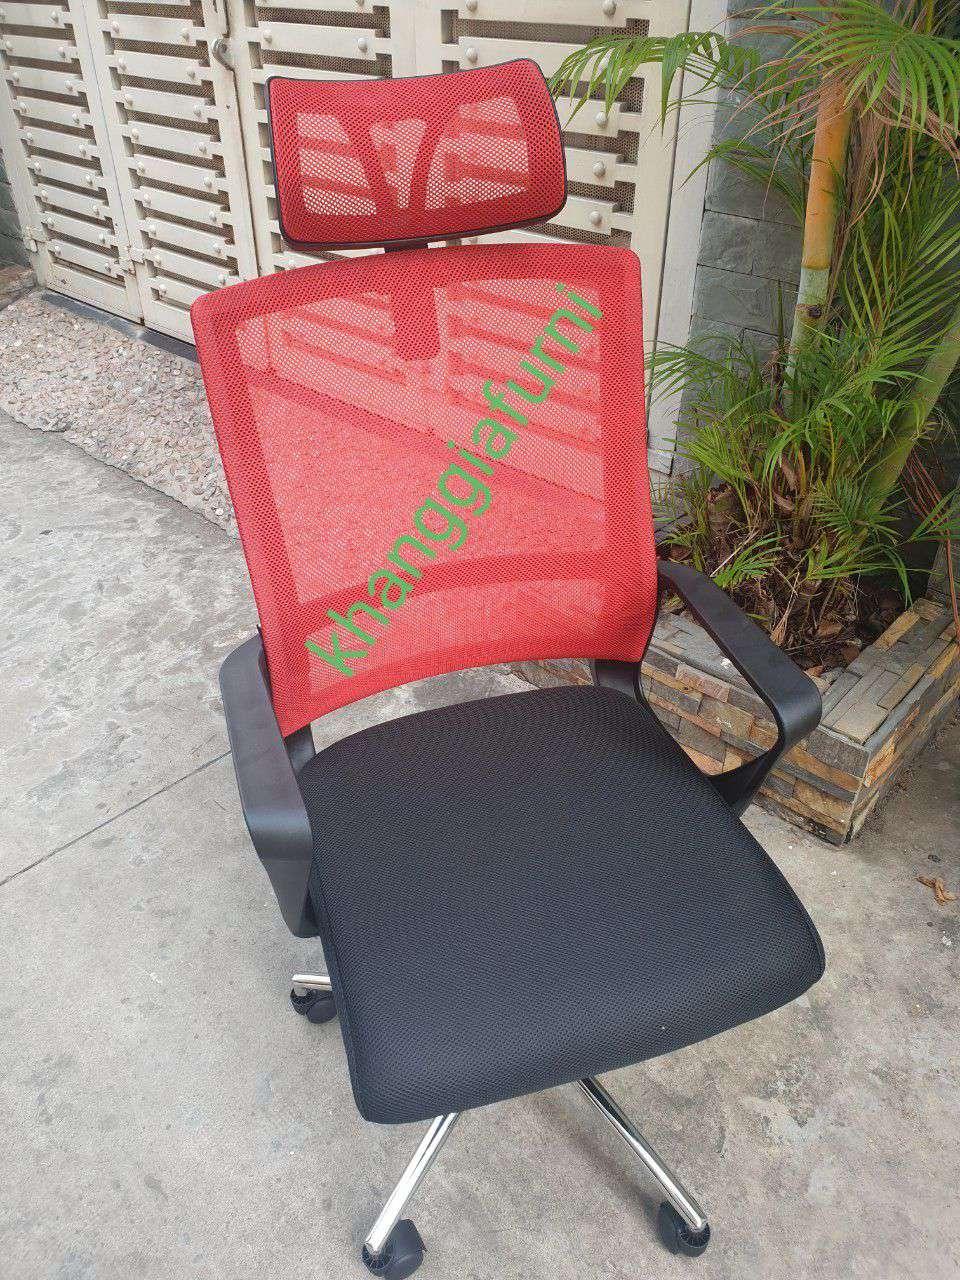 Ghế lưới lưng cao có gối đầu giá rẻ – Mã : 916